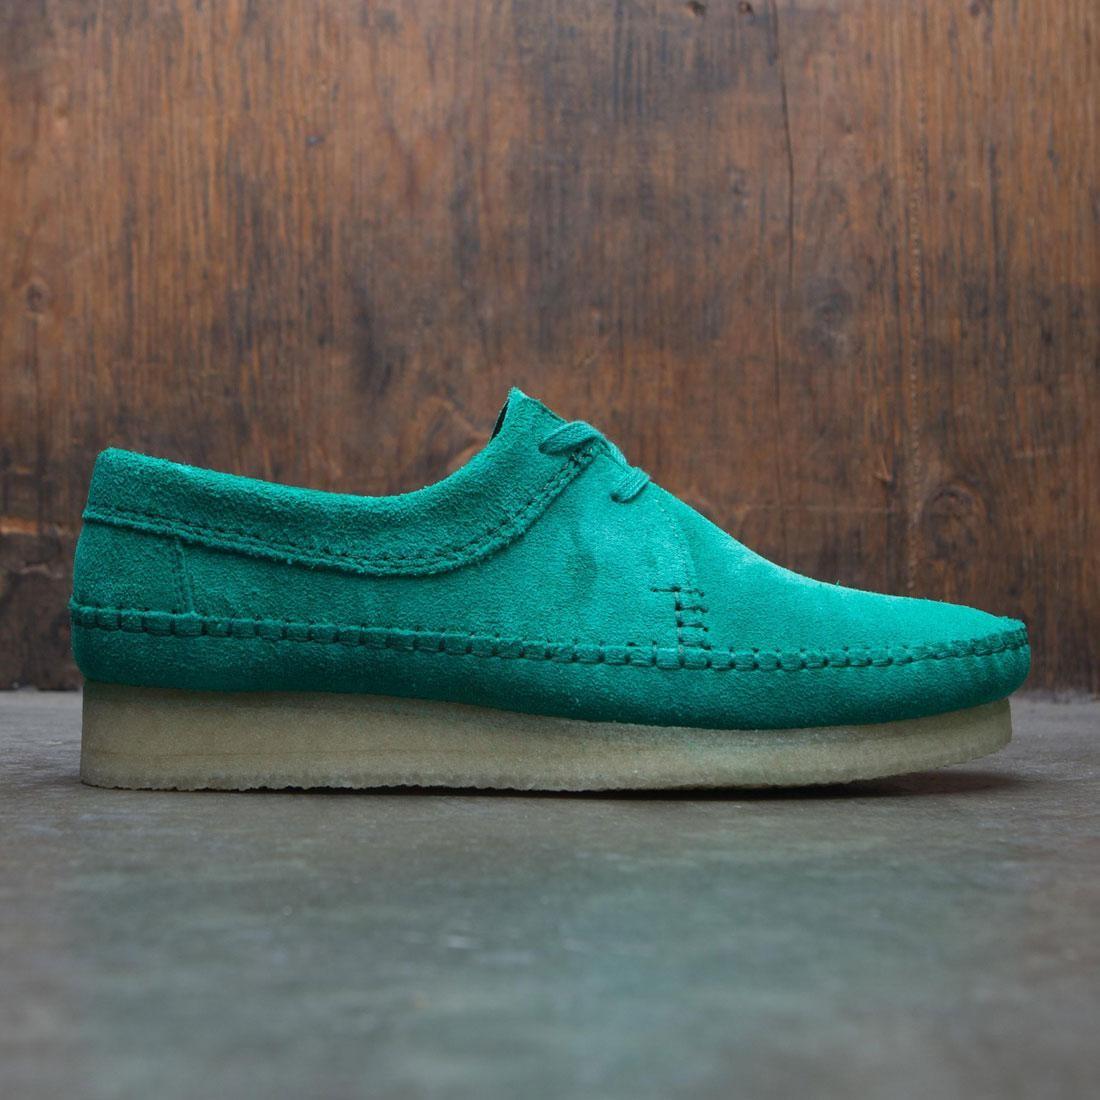 【海外限定】クラークス スエード スウェード 靴 メンズ靴 【 CLARKS MEN WEAVER SUEDE GREEN EMERALD 】【送料無料】